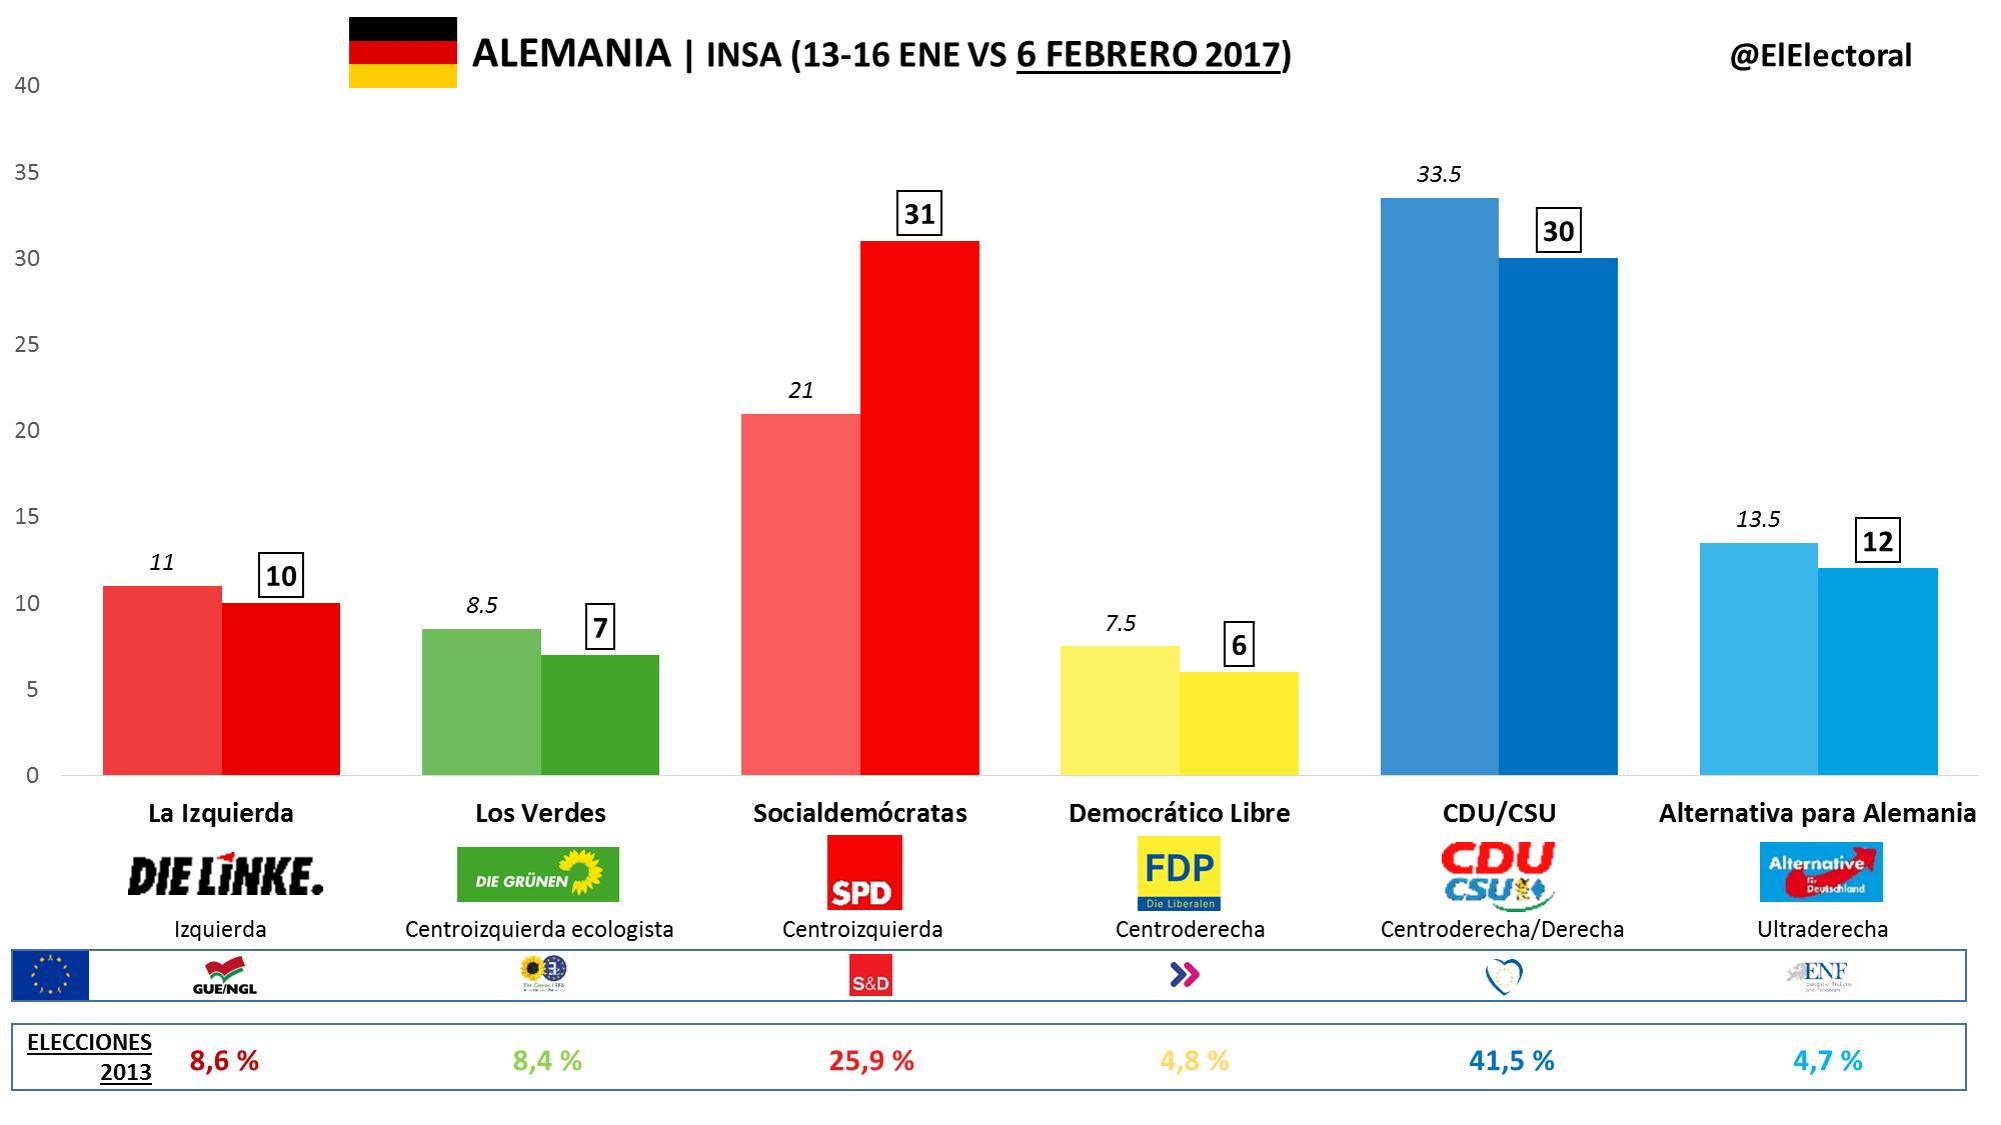 Encuestas electorales Alemania INSA: Schulz (SPD) adelanta a Merkel.